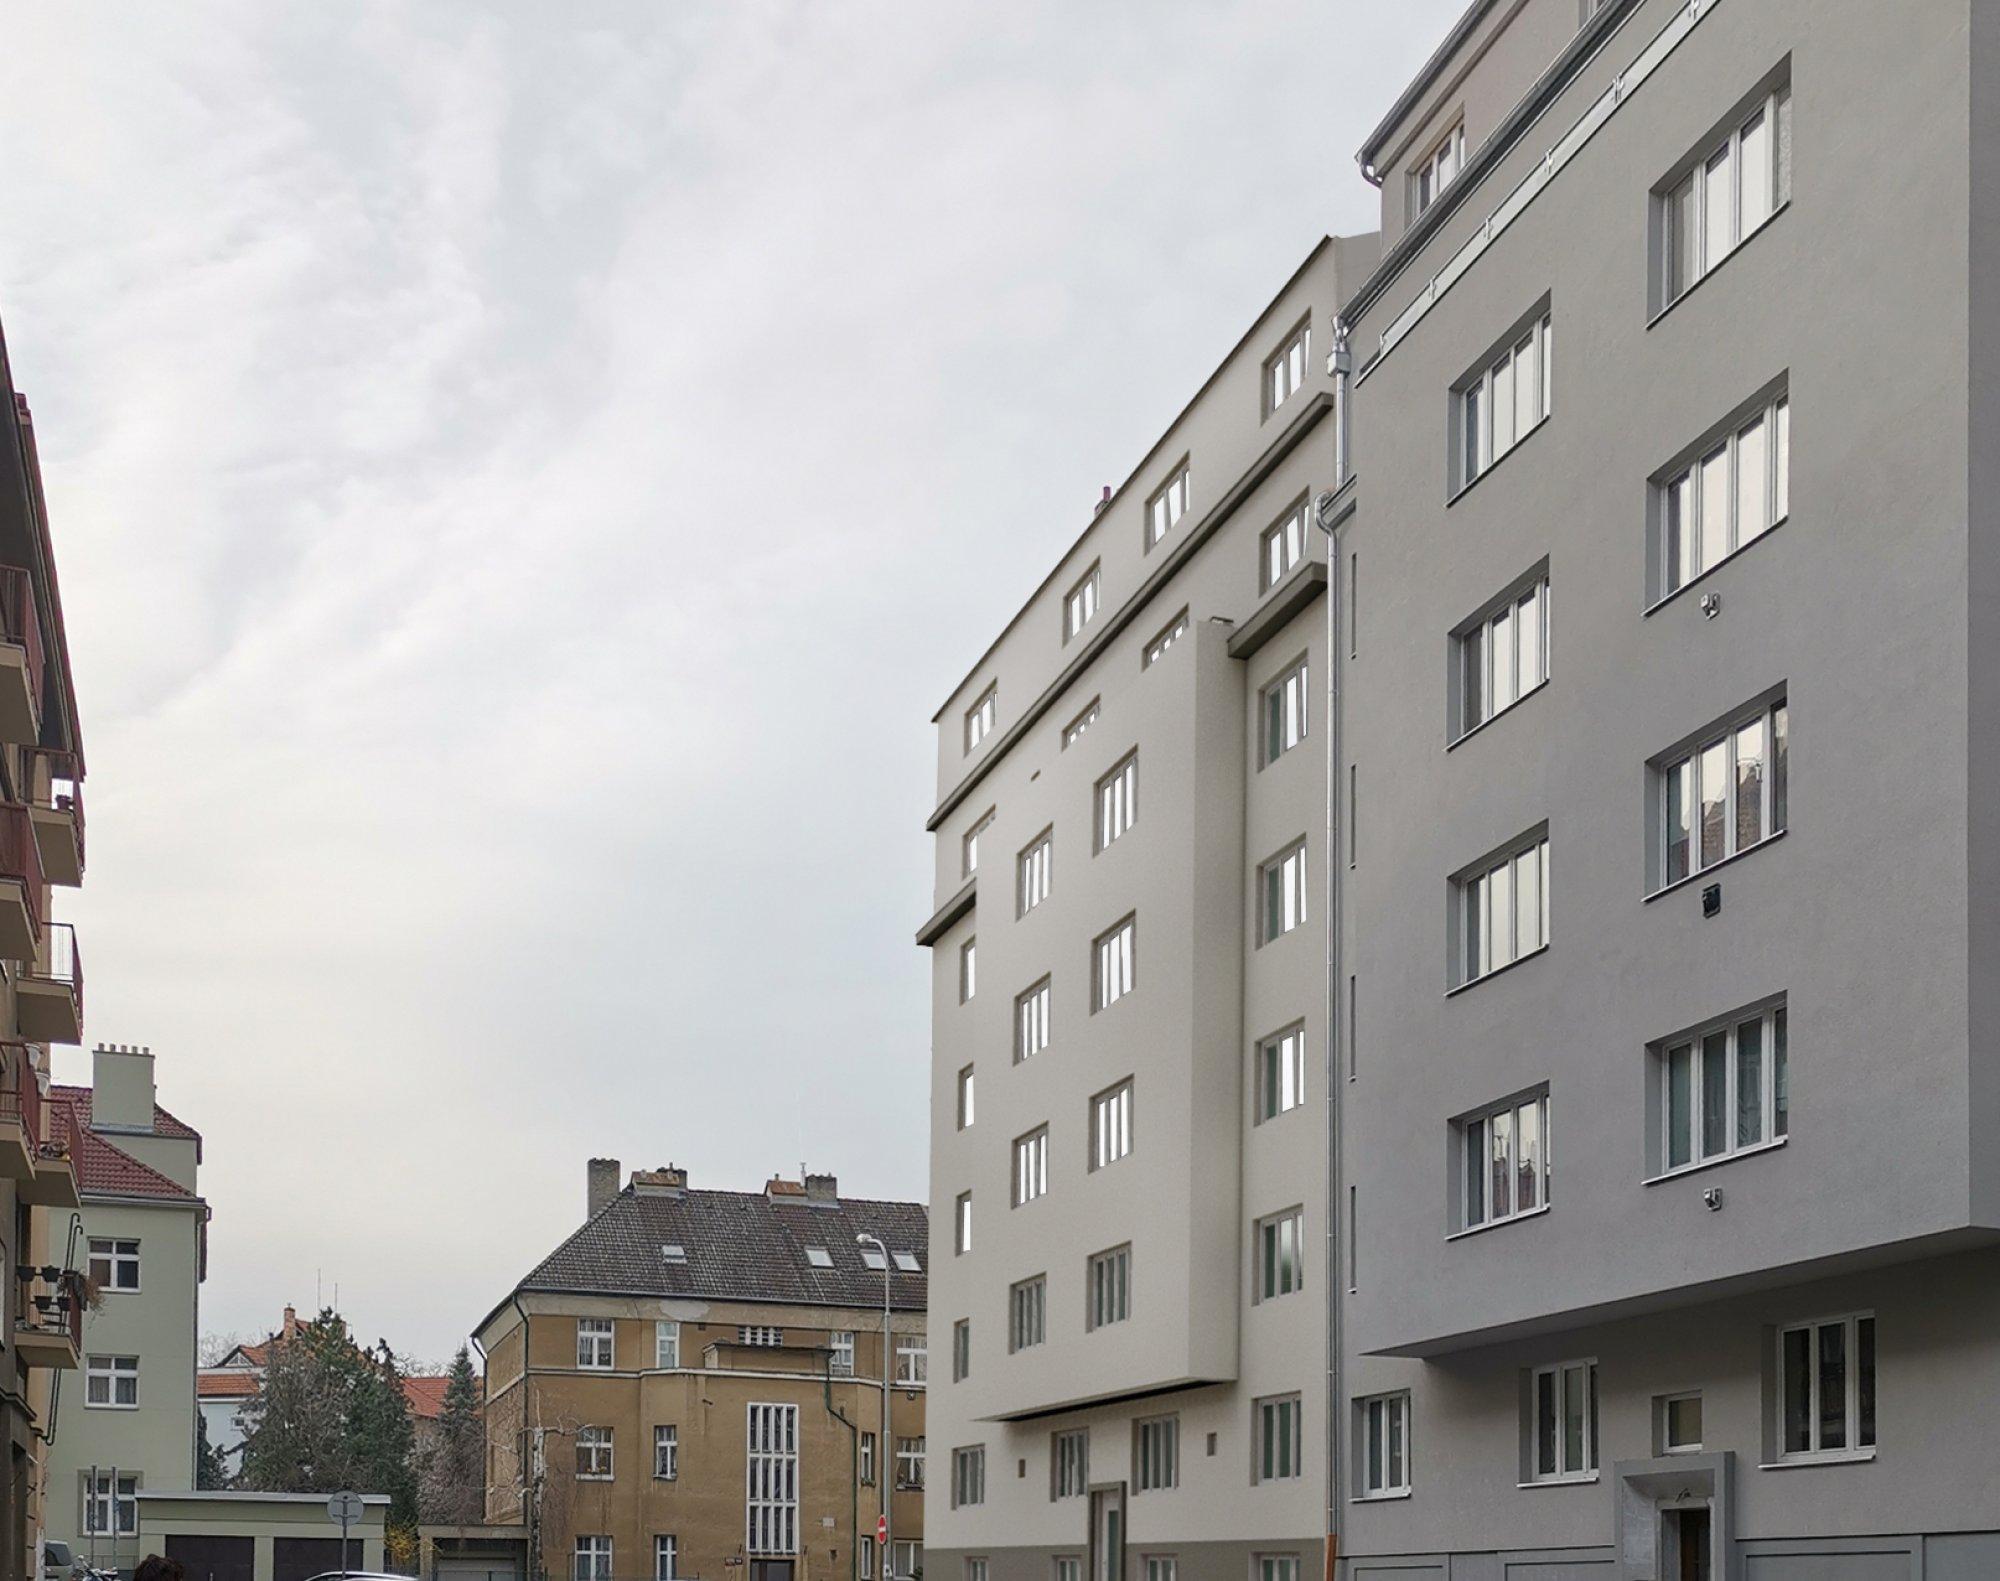 Vizualizace z ulice Vikleova - developerský projekt Viklefova, ulice Viklefova, Praha 8 - Žižkov | 3